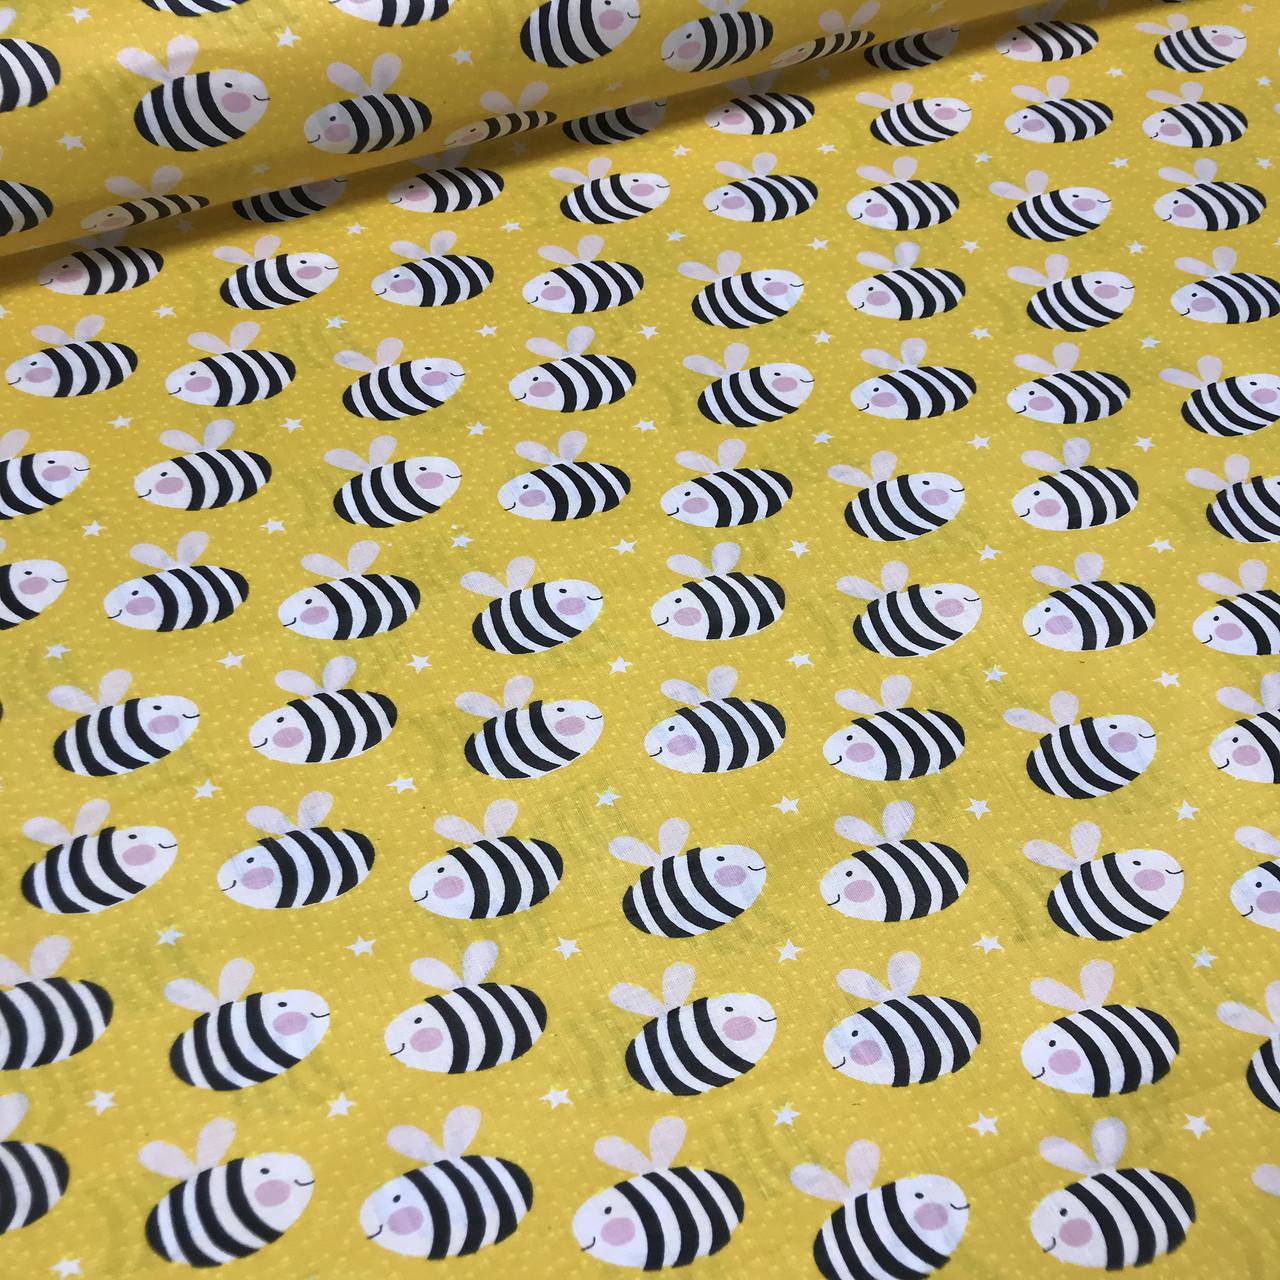 Хлопковая ткань польская пчелки черно-белые на желтом №126